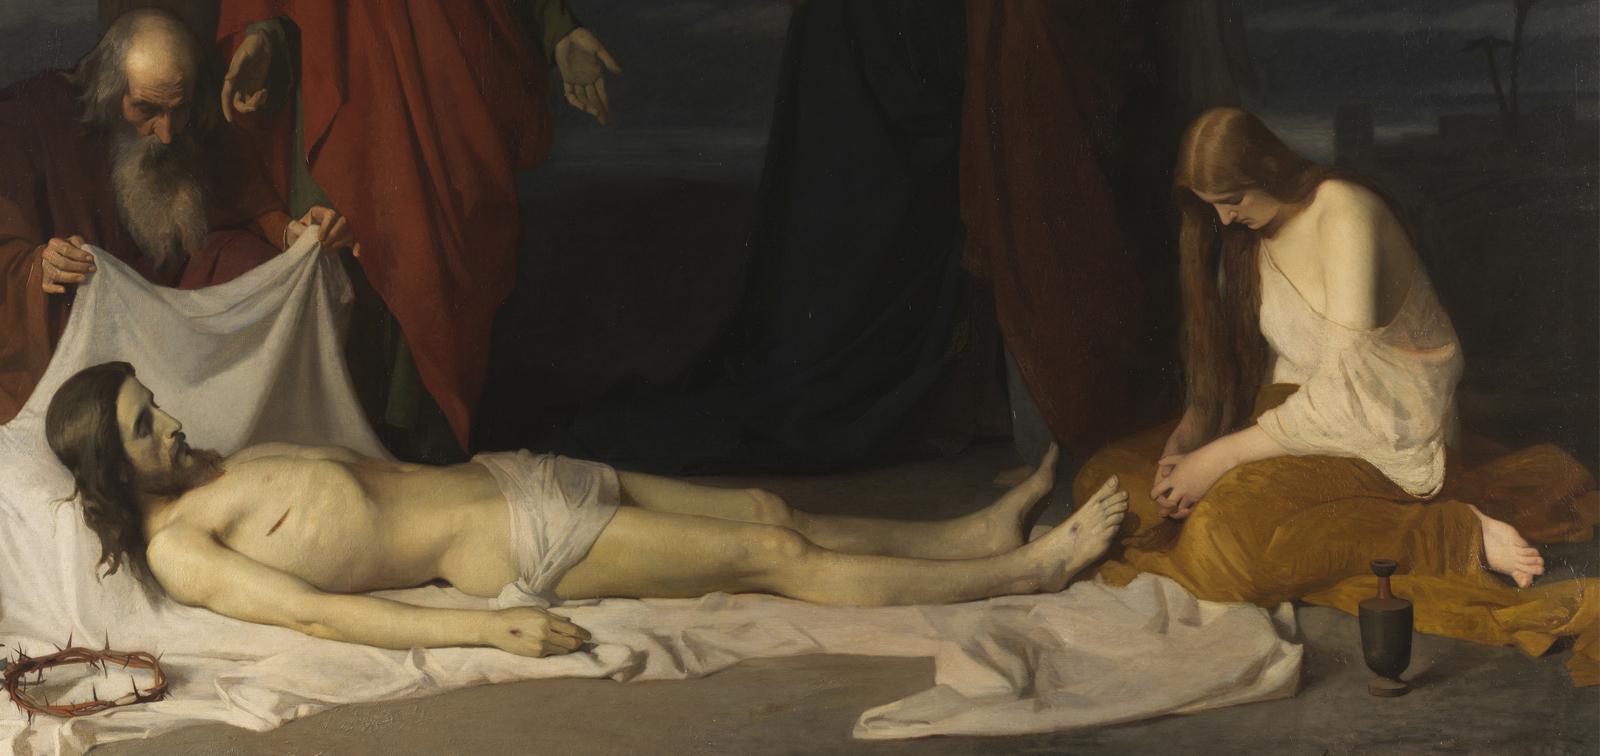 Sacred Stories in the Museo del Prado